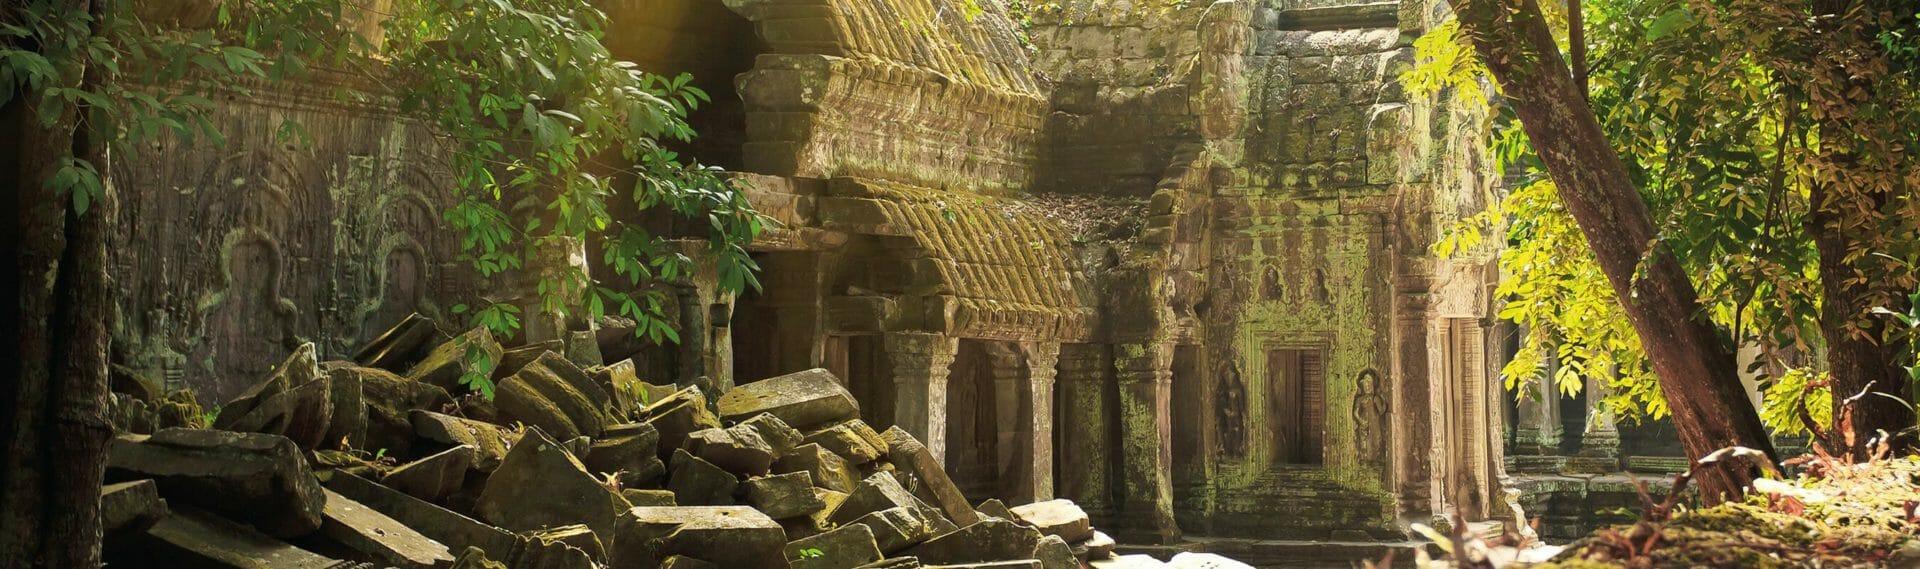 cambodge ta prohm